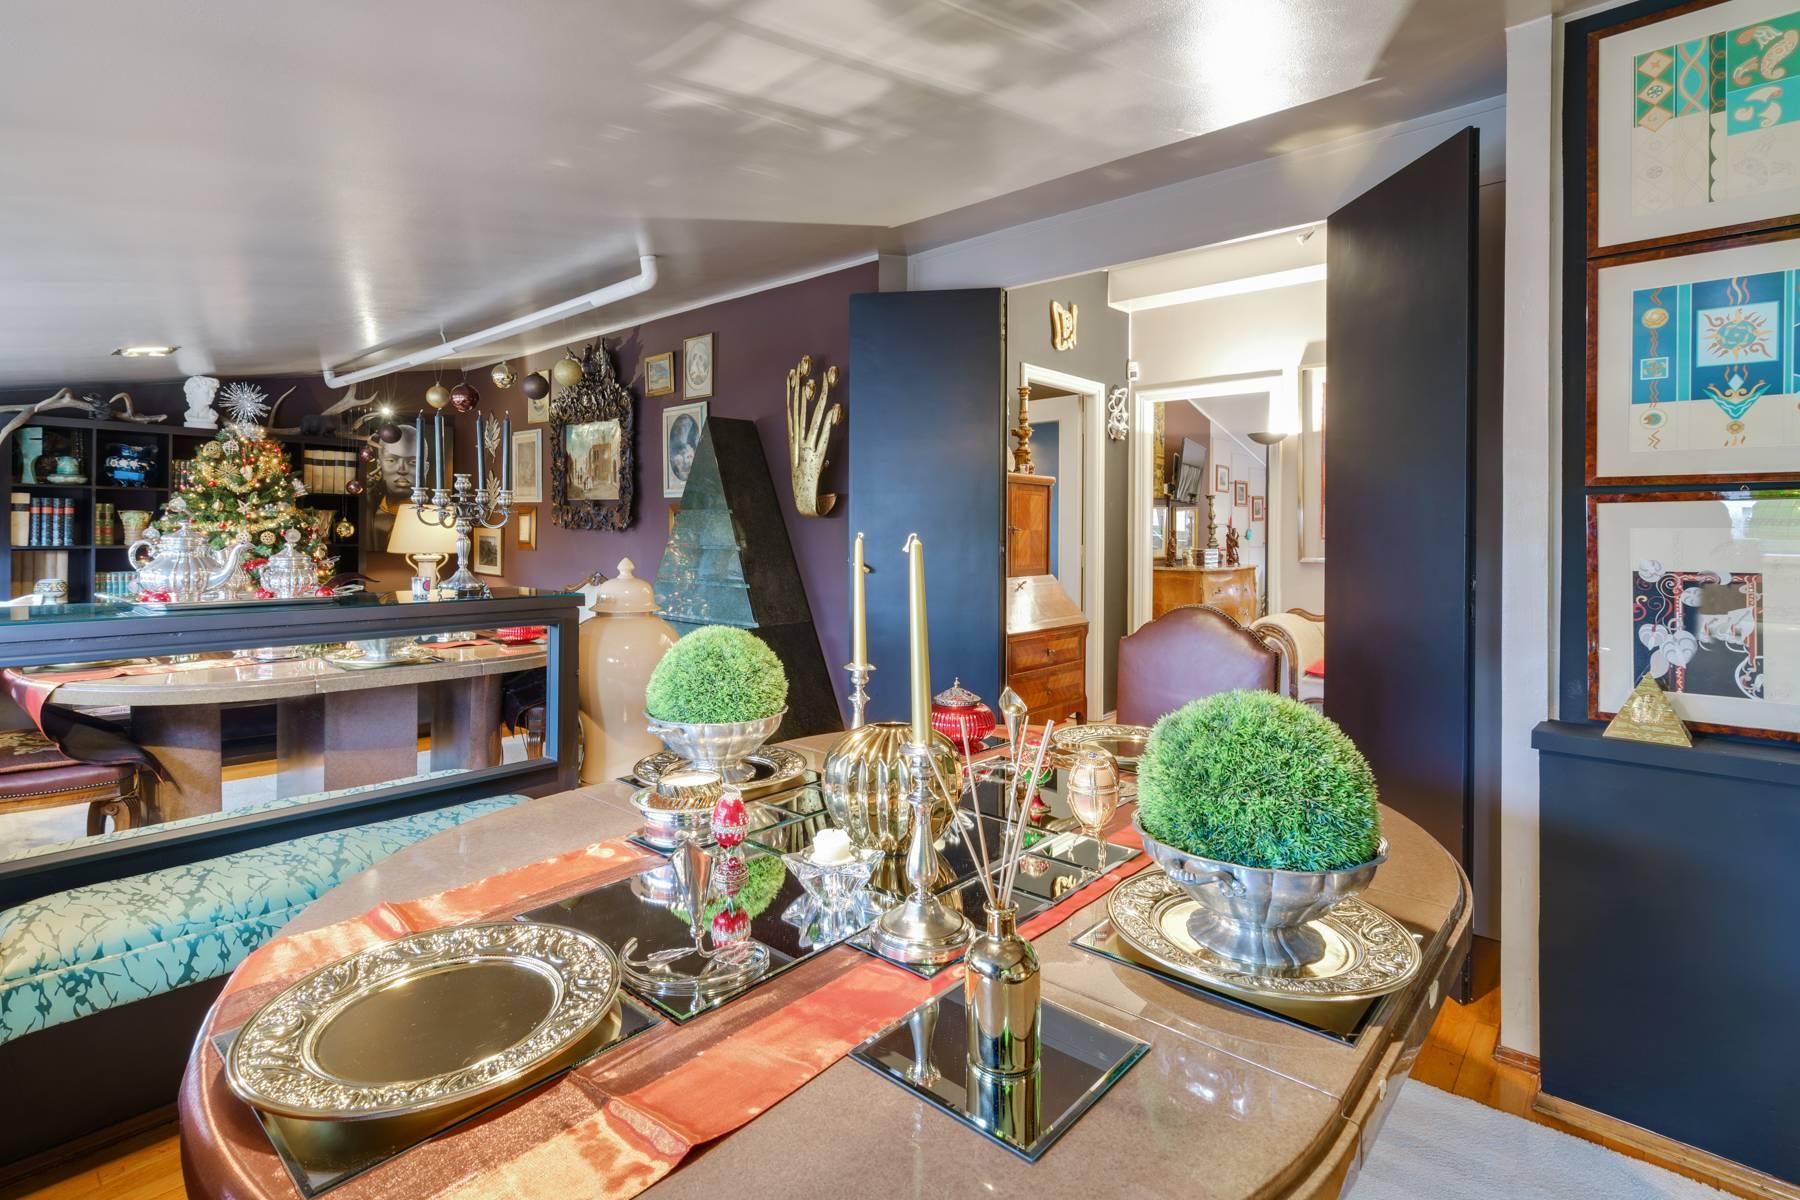 Appartamento in Vendita a Torino: 4 locali, 124 mq - Foto 1